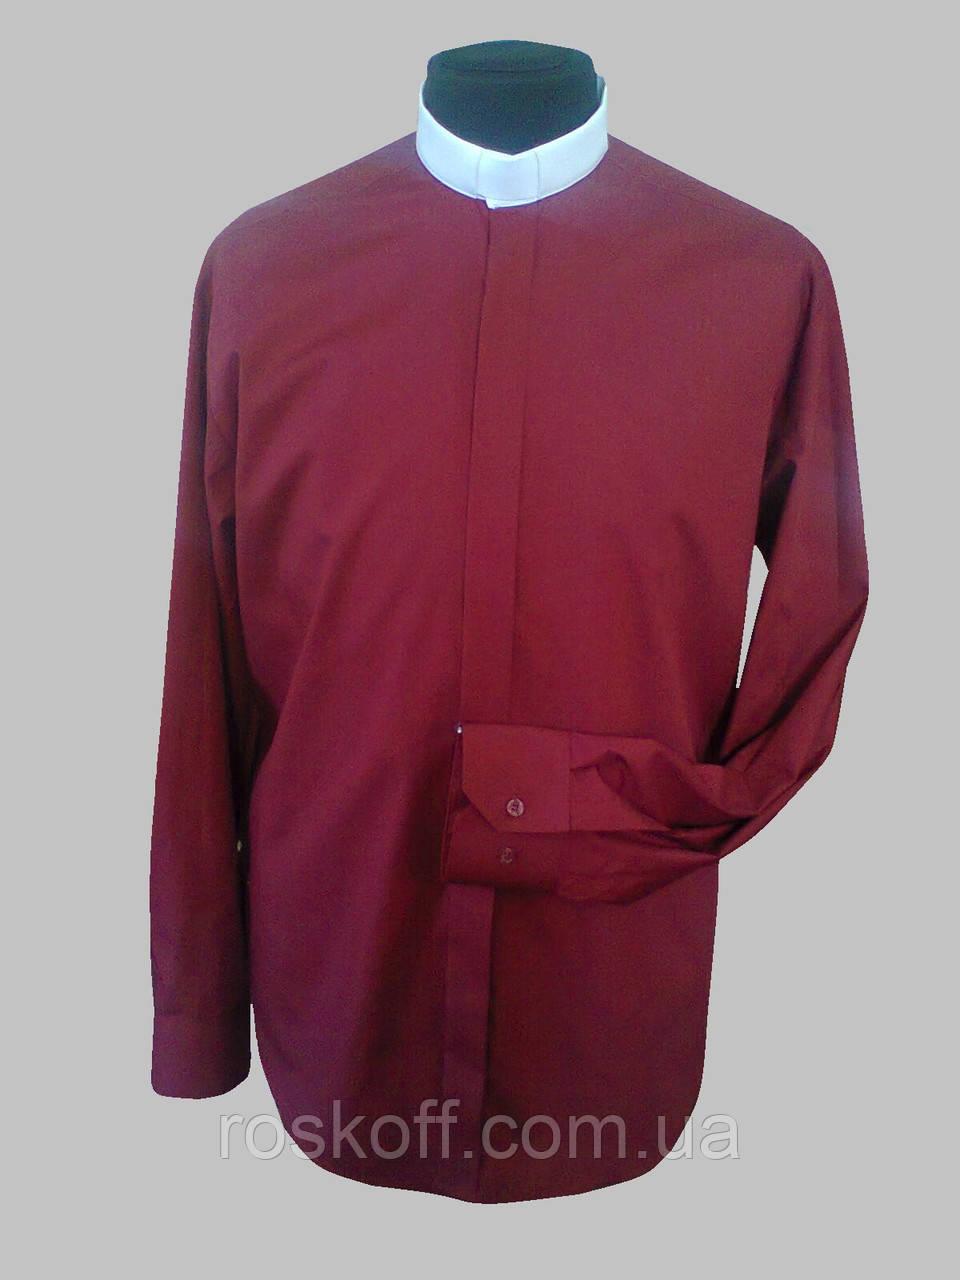 Рубашка для священников  (белый ворот) бордового цвета с длинным рукавом